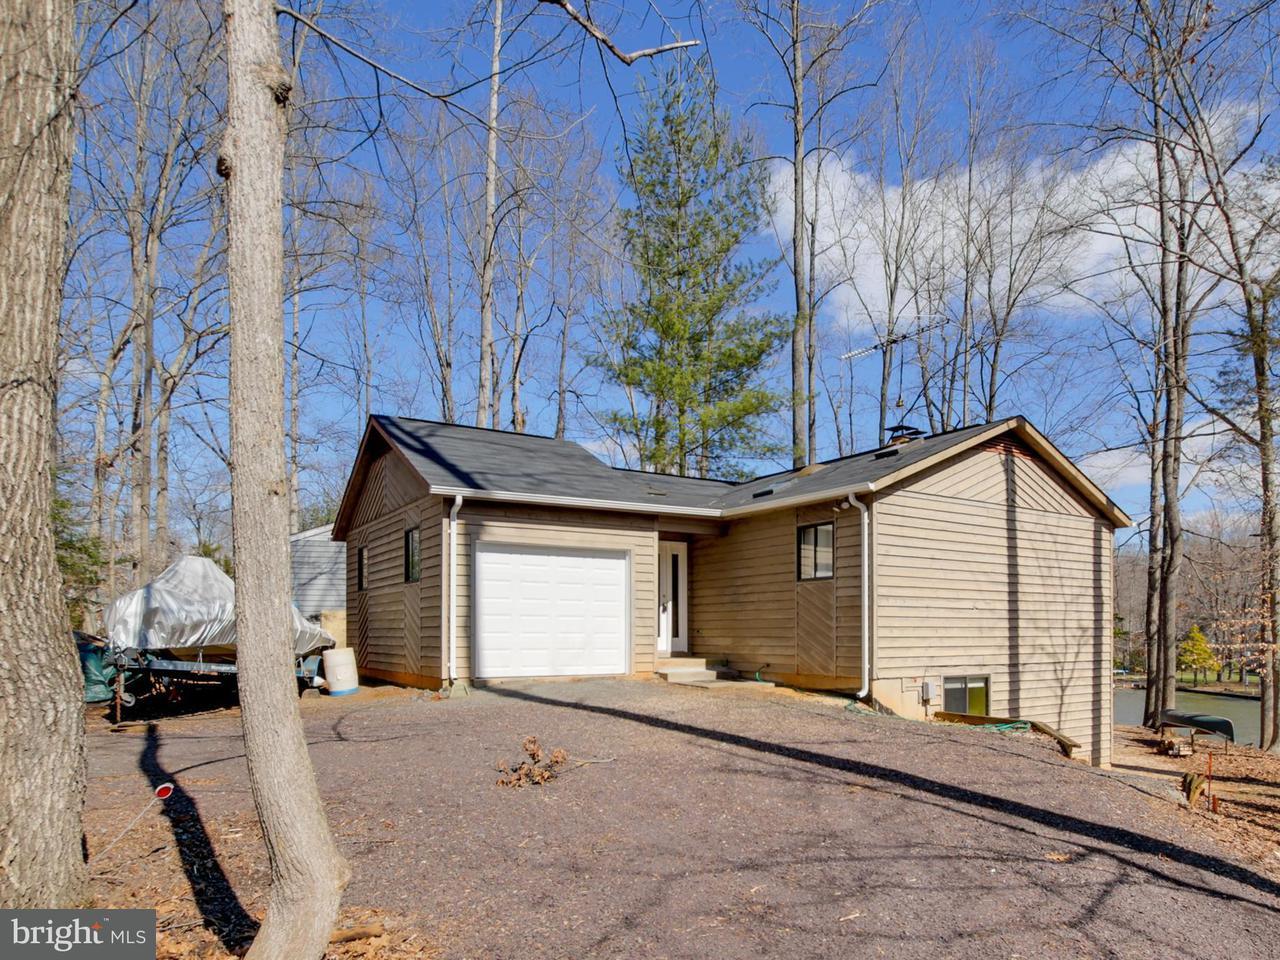 Einfamilienhaus für Verkauf beim 3603 LAKEVIEW PKWY 3603 LAKEVIEW PKWY Locust Grove, Virginia 22508 Vereinigte Staaten